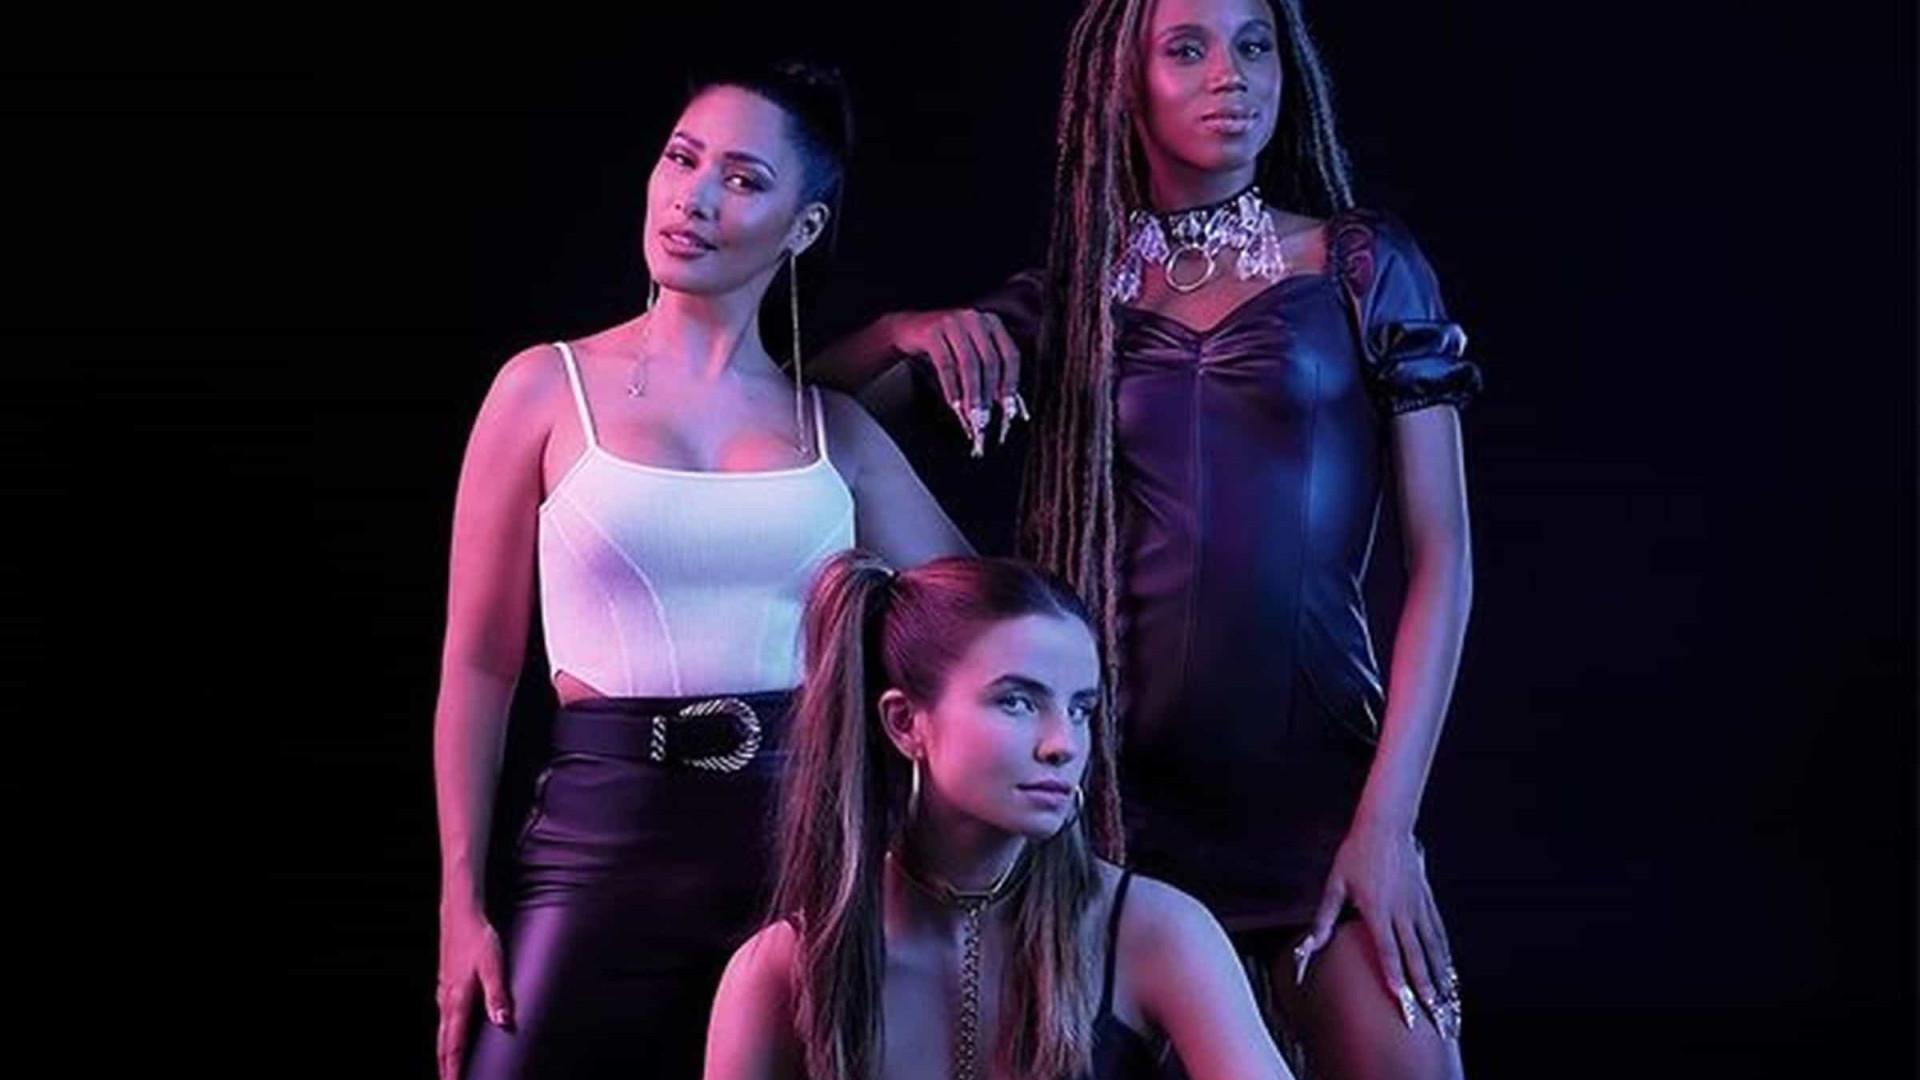 Simaria, Giulia Be e Malía unem estilos em canção sobre a força da mulher